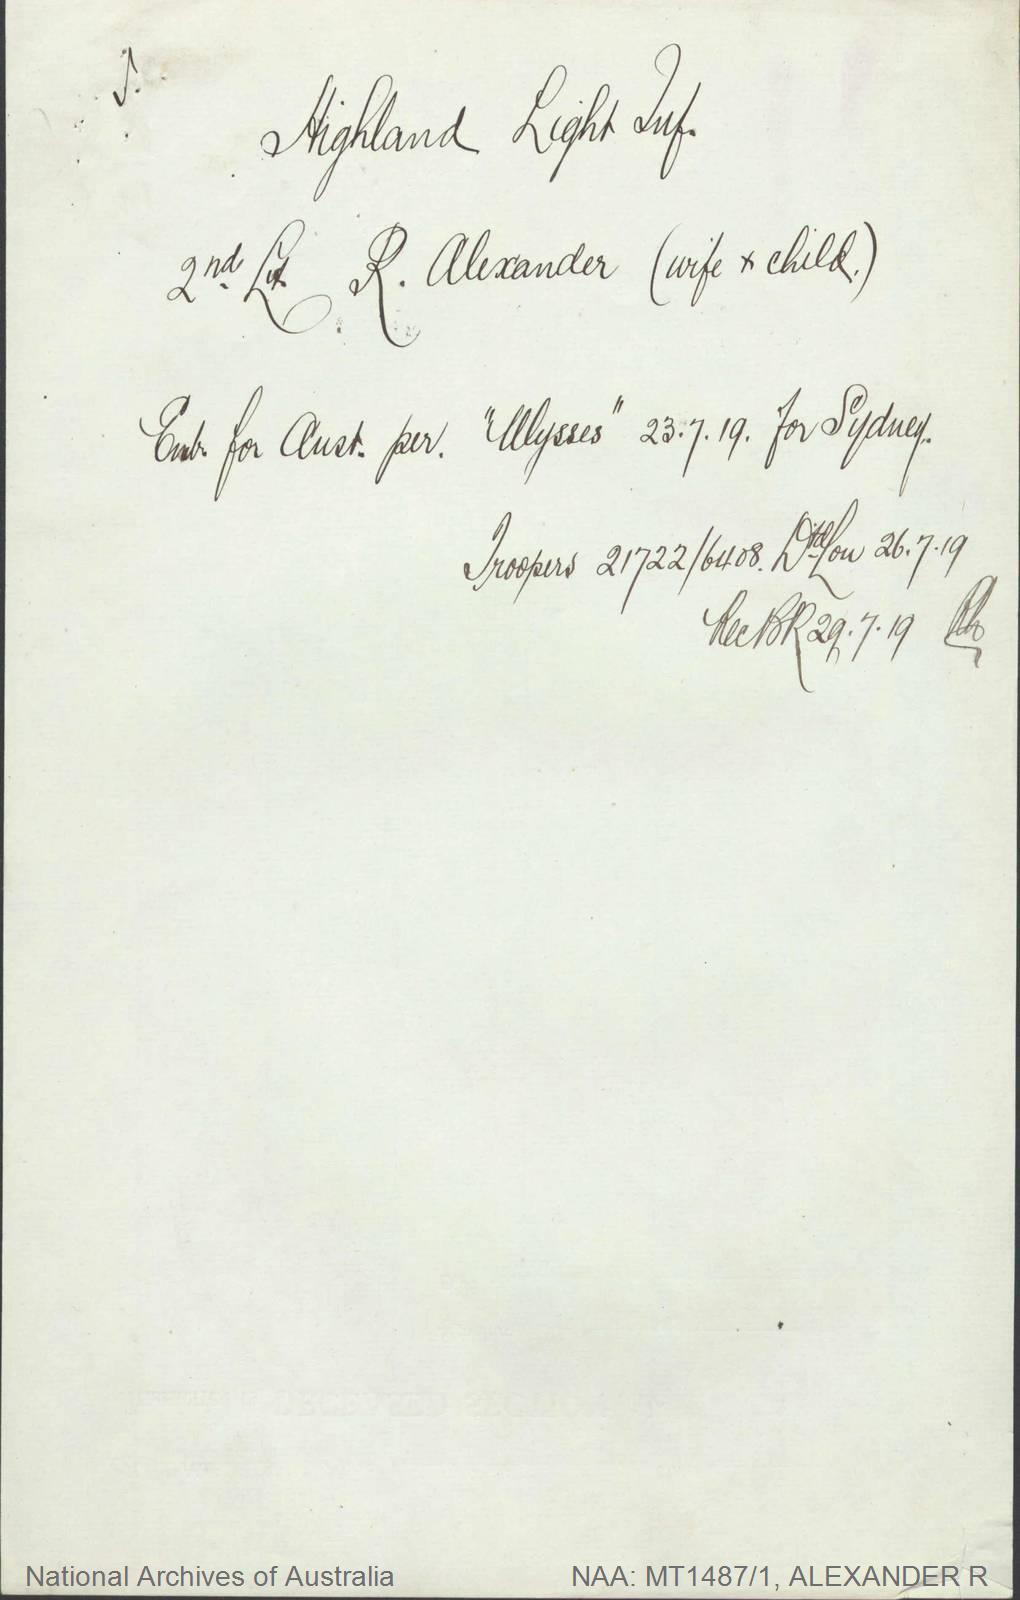 ALEXANDER R (2nd Lt) - Highland Light Infantry - embarked for Australia per Ulysses 23 July 1919